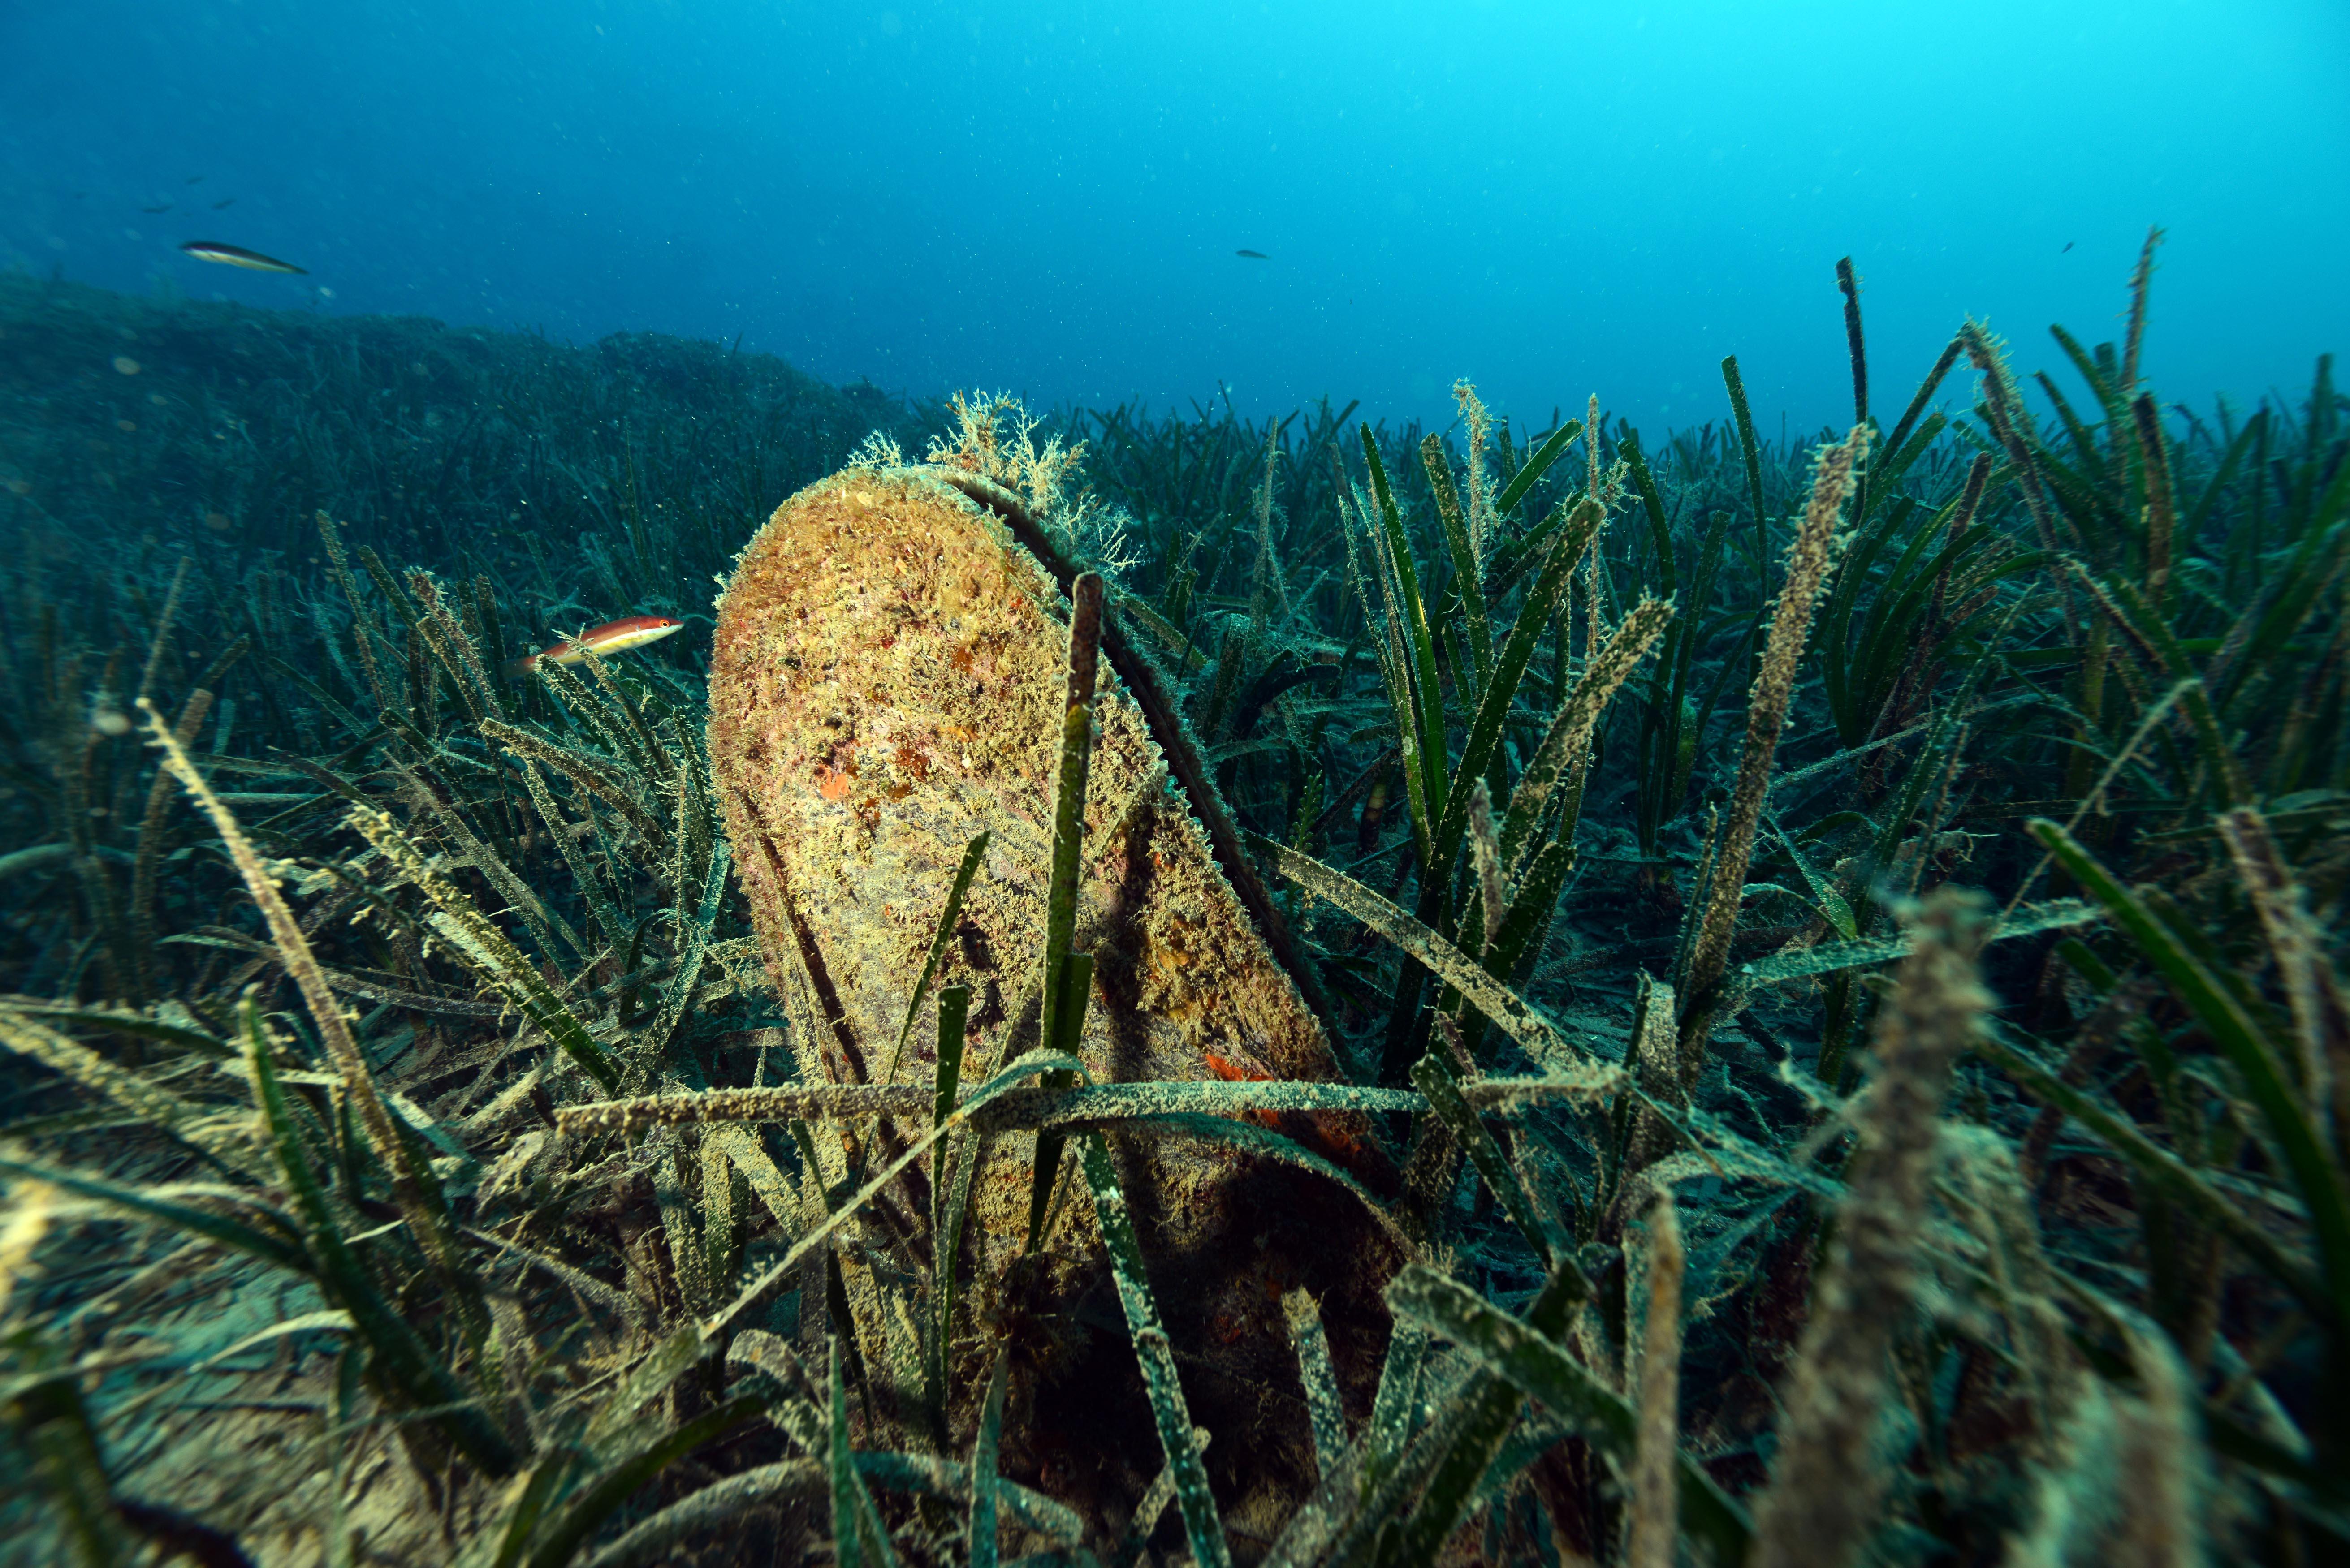 denizlerin-temizleyicisi-pinalari-olduren-virus-kiyilarimiza-geldi-4017-dhaphoto4.jpg